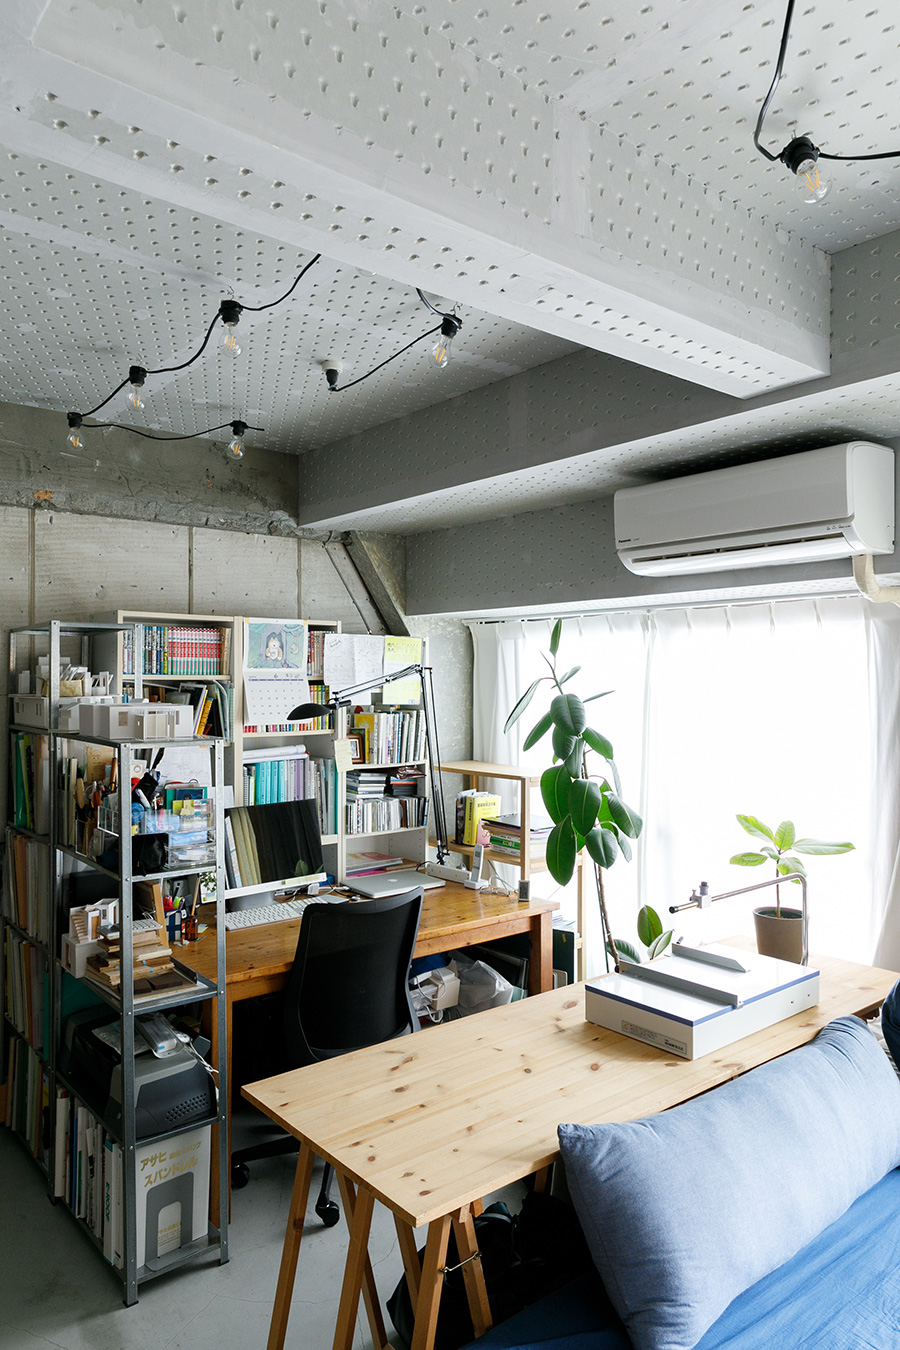 設計事務所の主宰者として働く星野さんの作業スペース。大きな窓から光と風が入って気持ちいい。